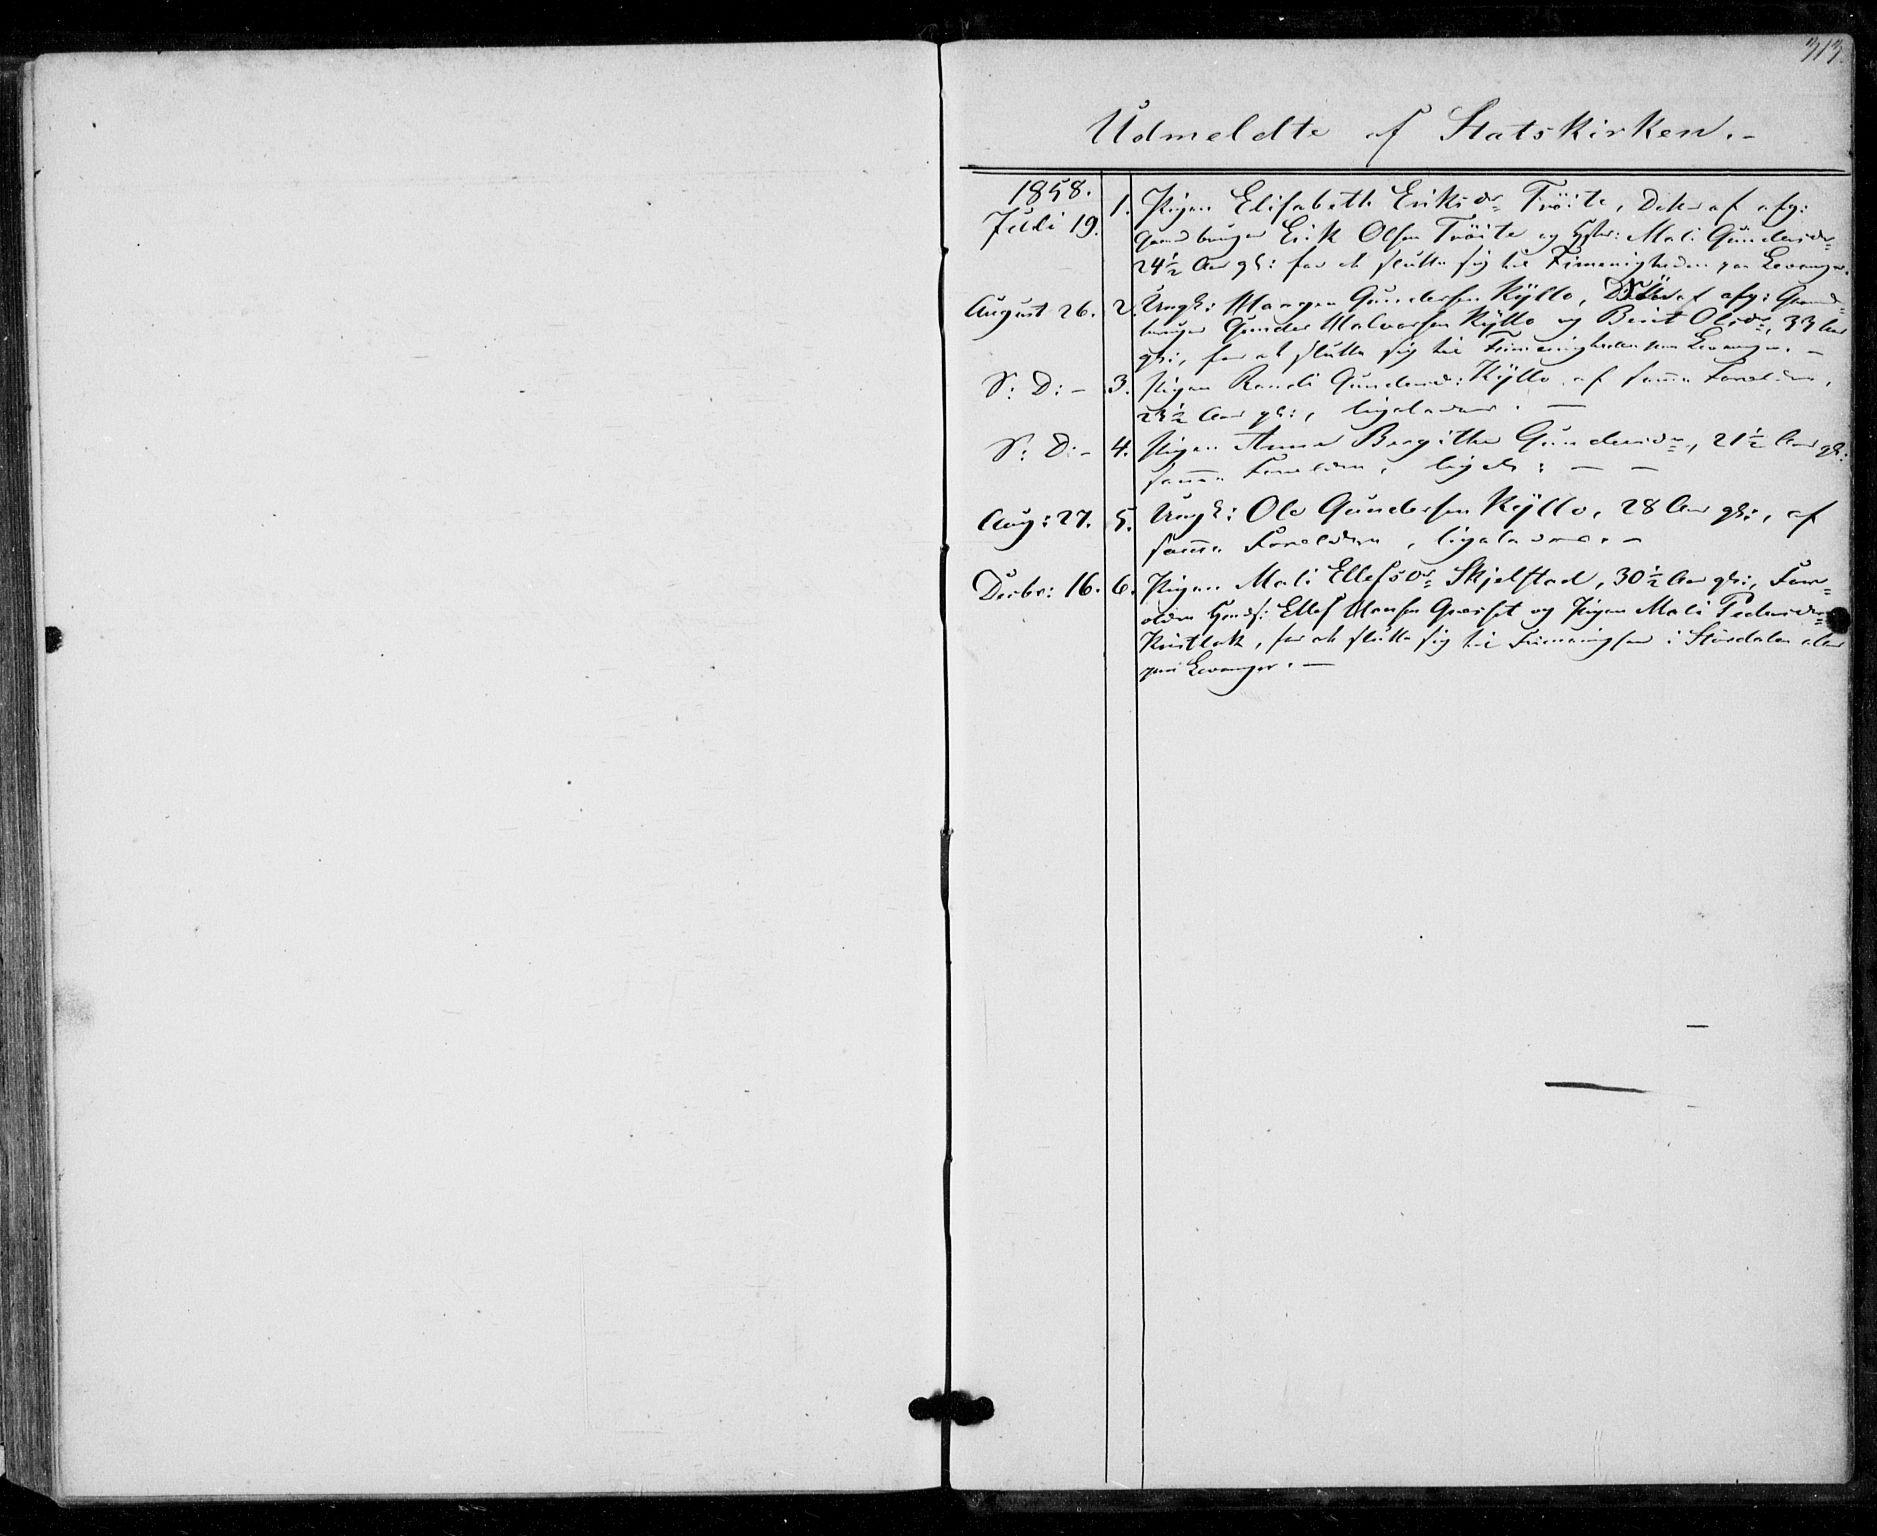 SAT, Ministerialprotokoller, klokkerbøker og fødselsregistre - Nord-Trøndelag, 703/L0028: Ministerialbok nr. 703A01, 1850-1862, s. 313